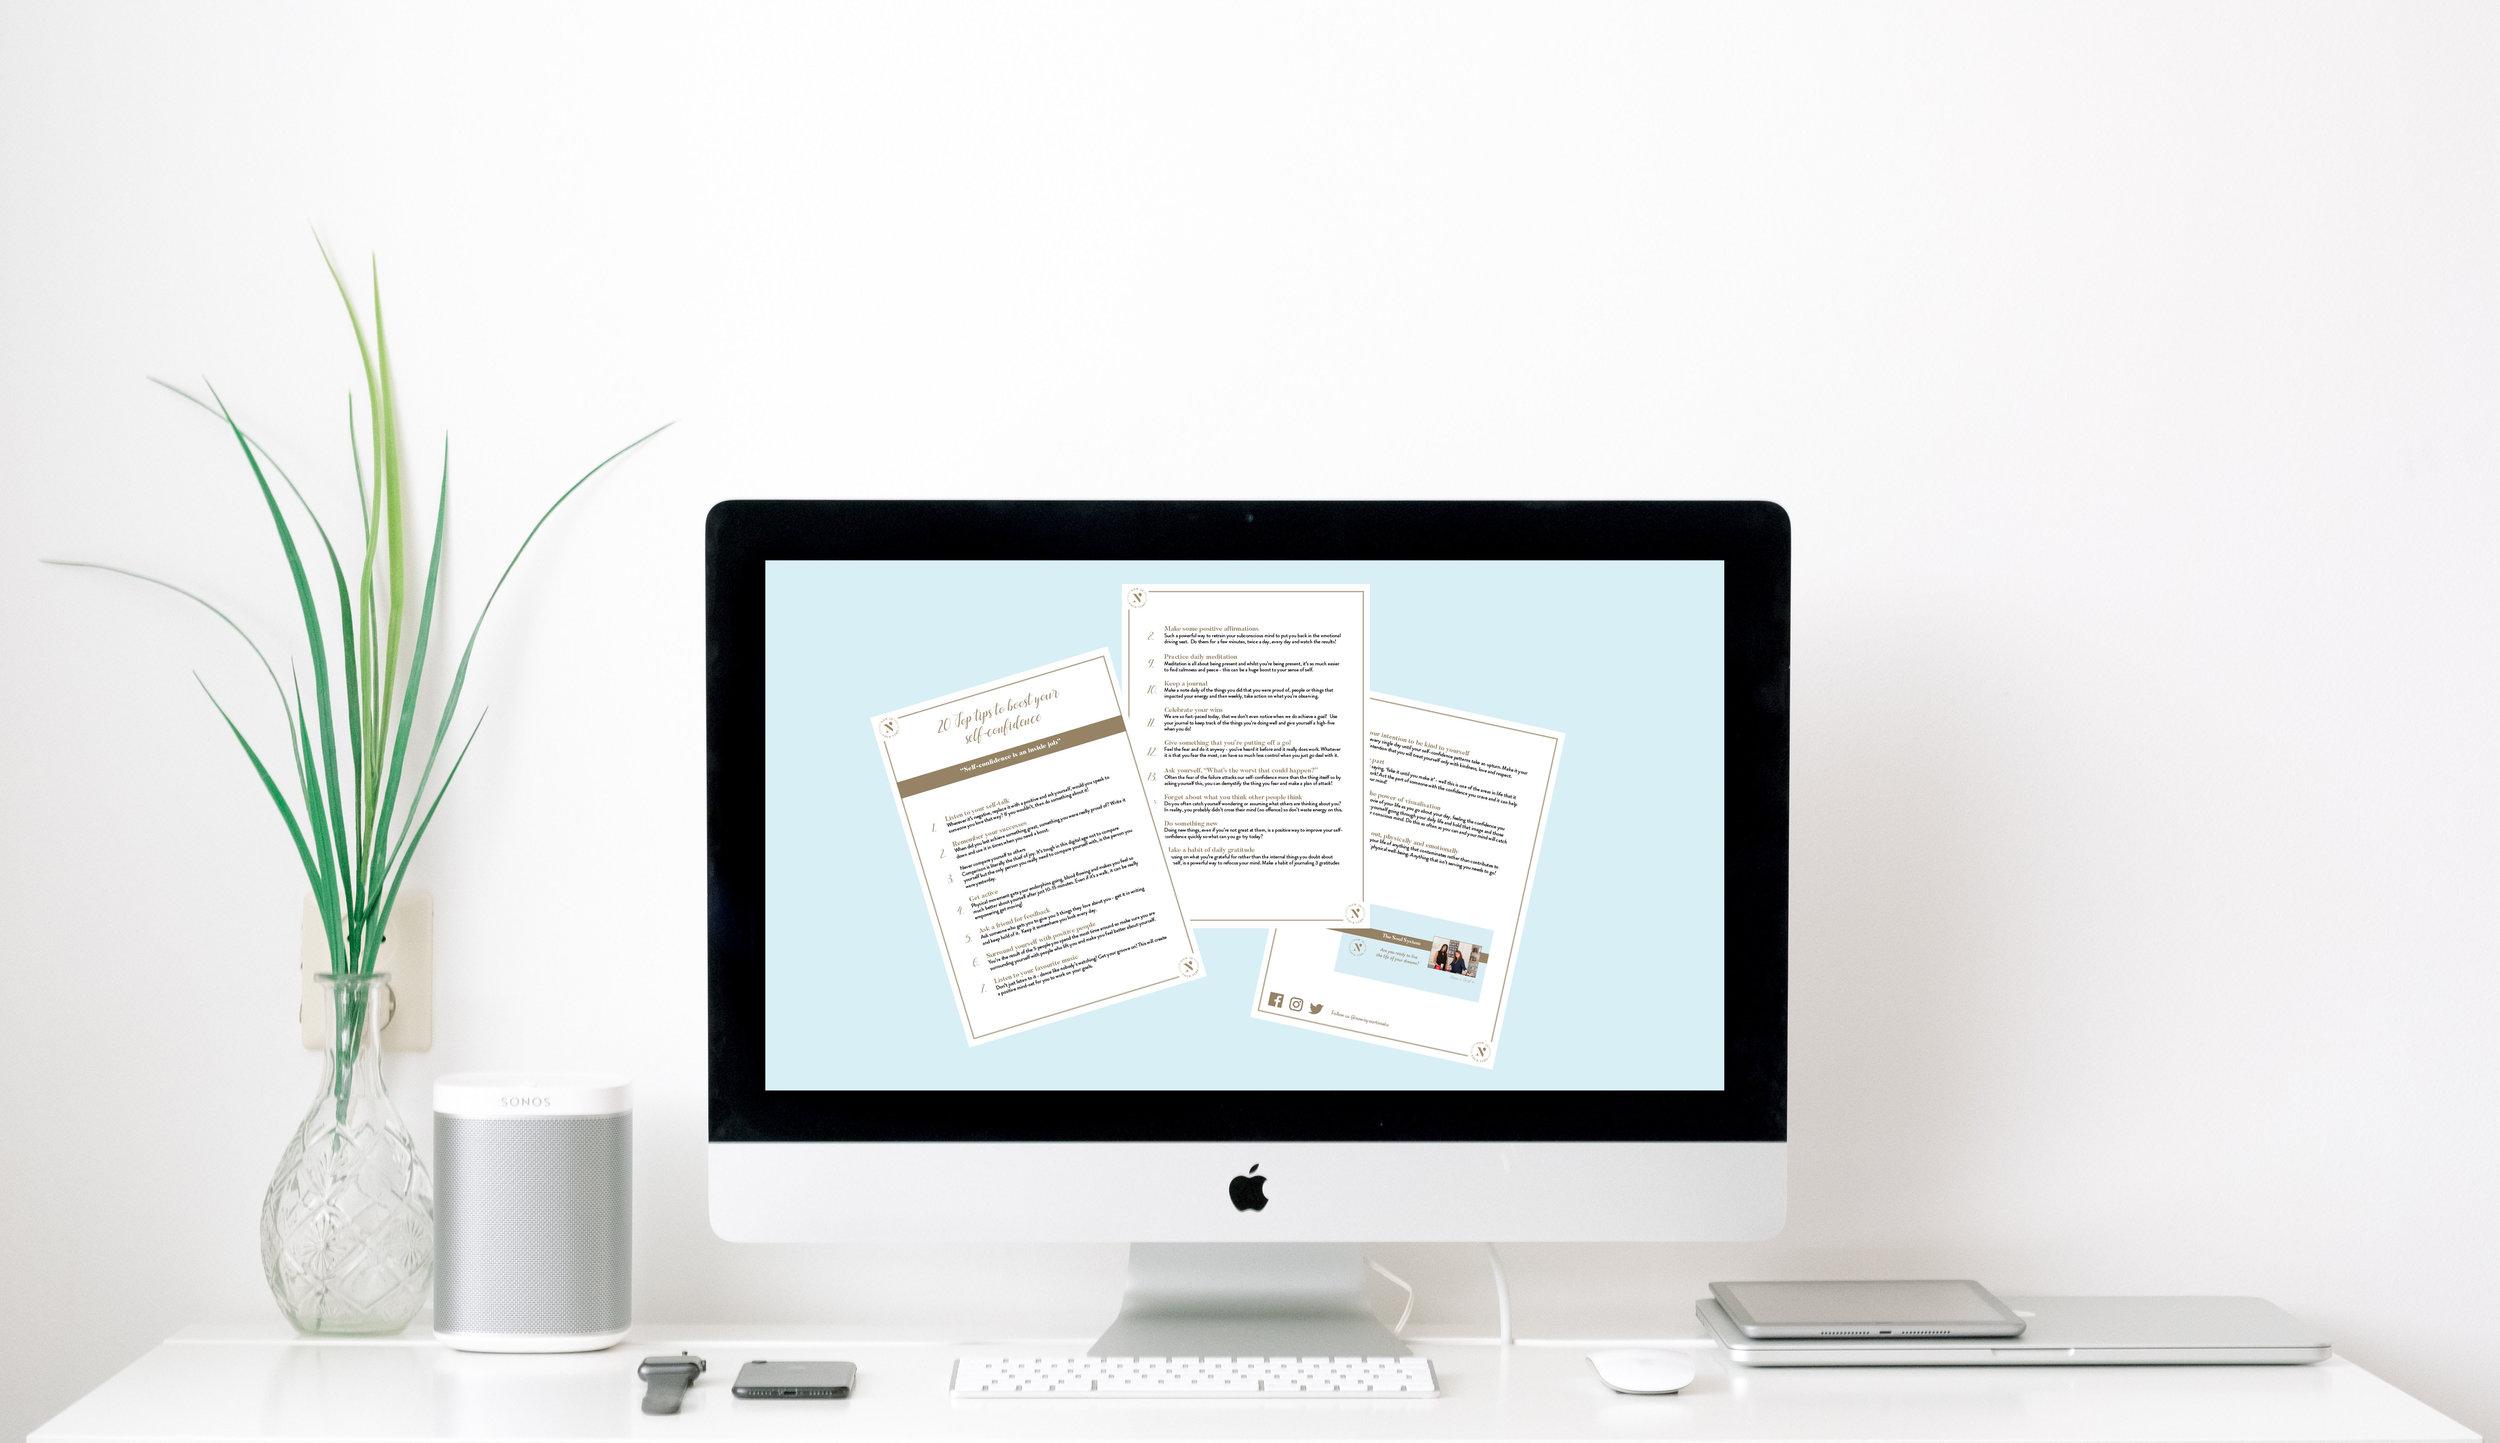 imac and desk.jpg